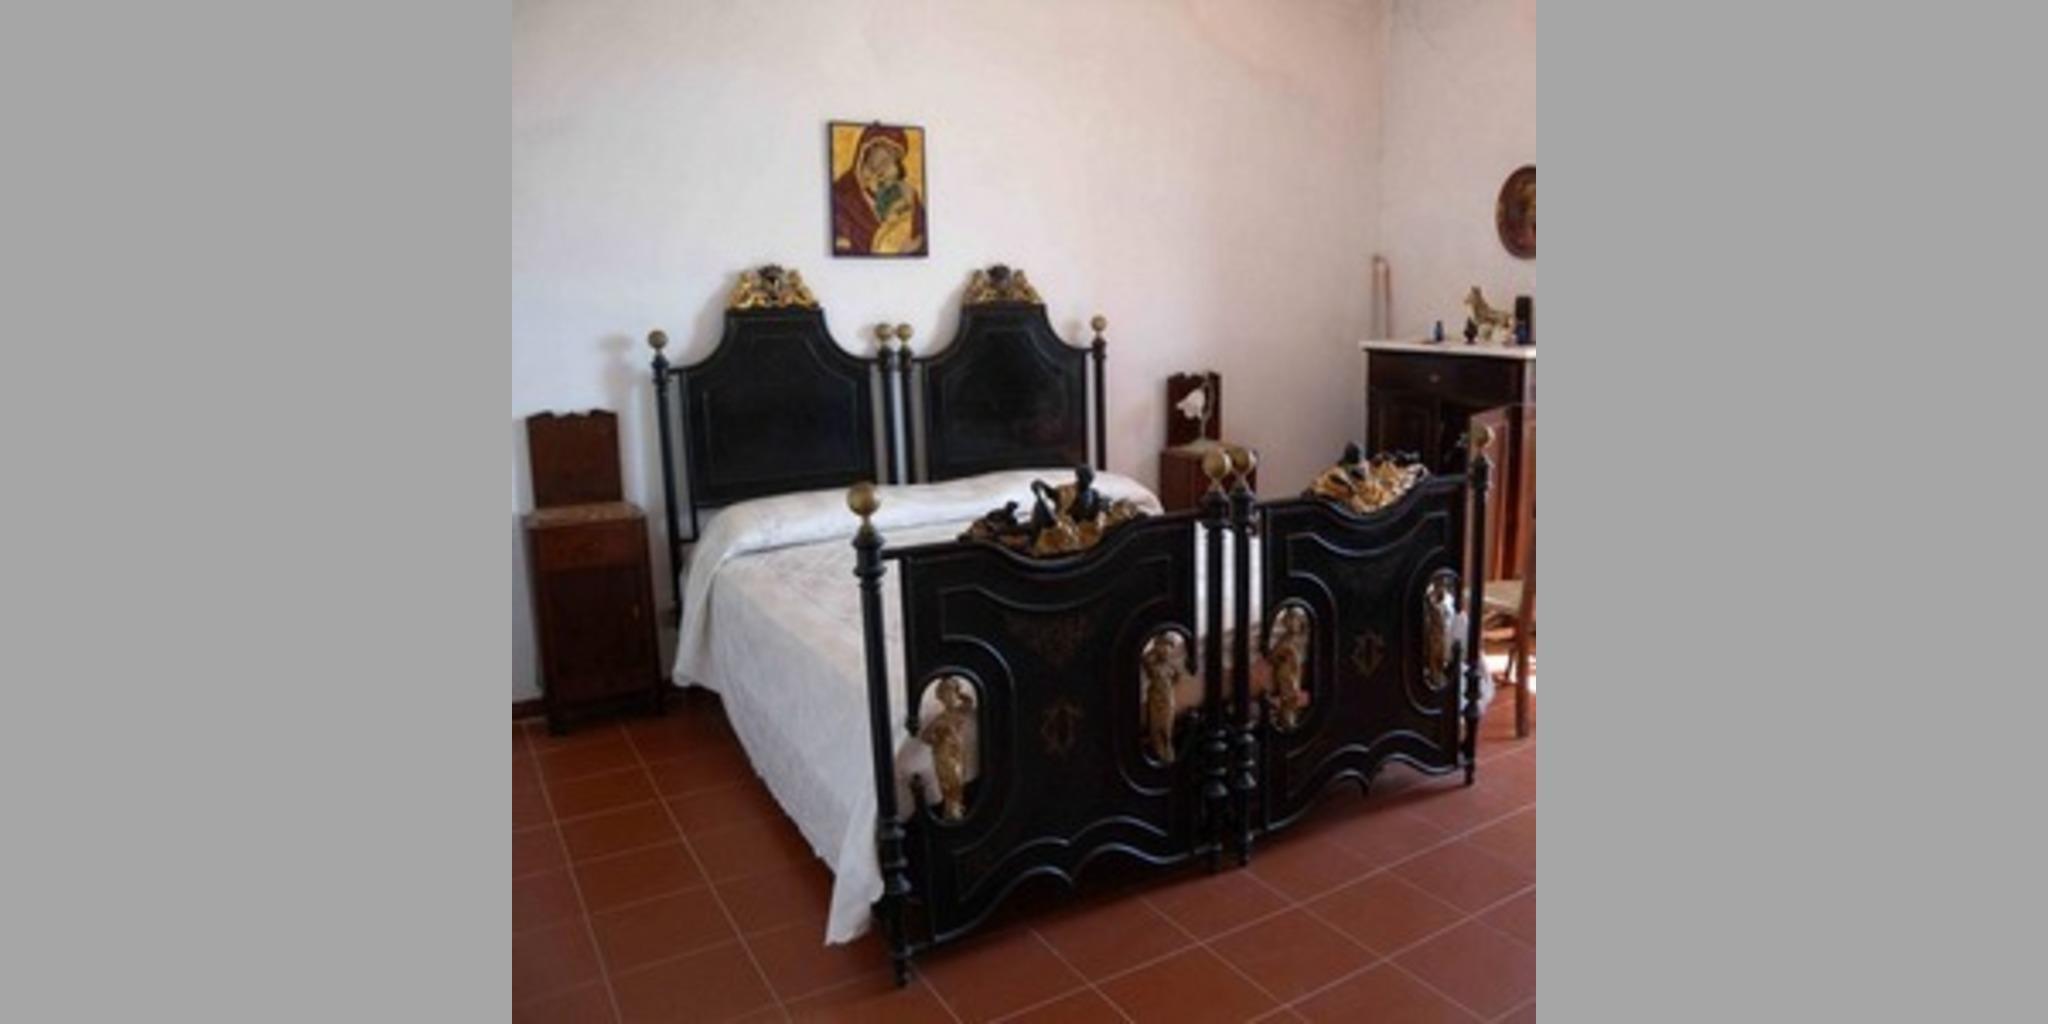 Bed & Breakfast Castroregio - Cosenza_Castroregio